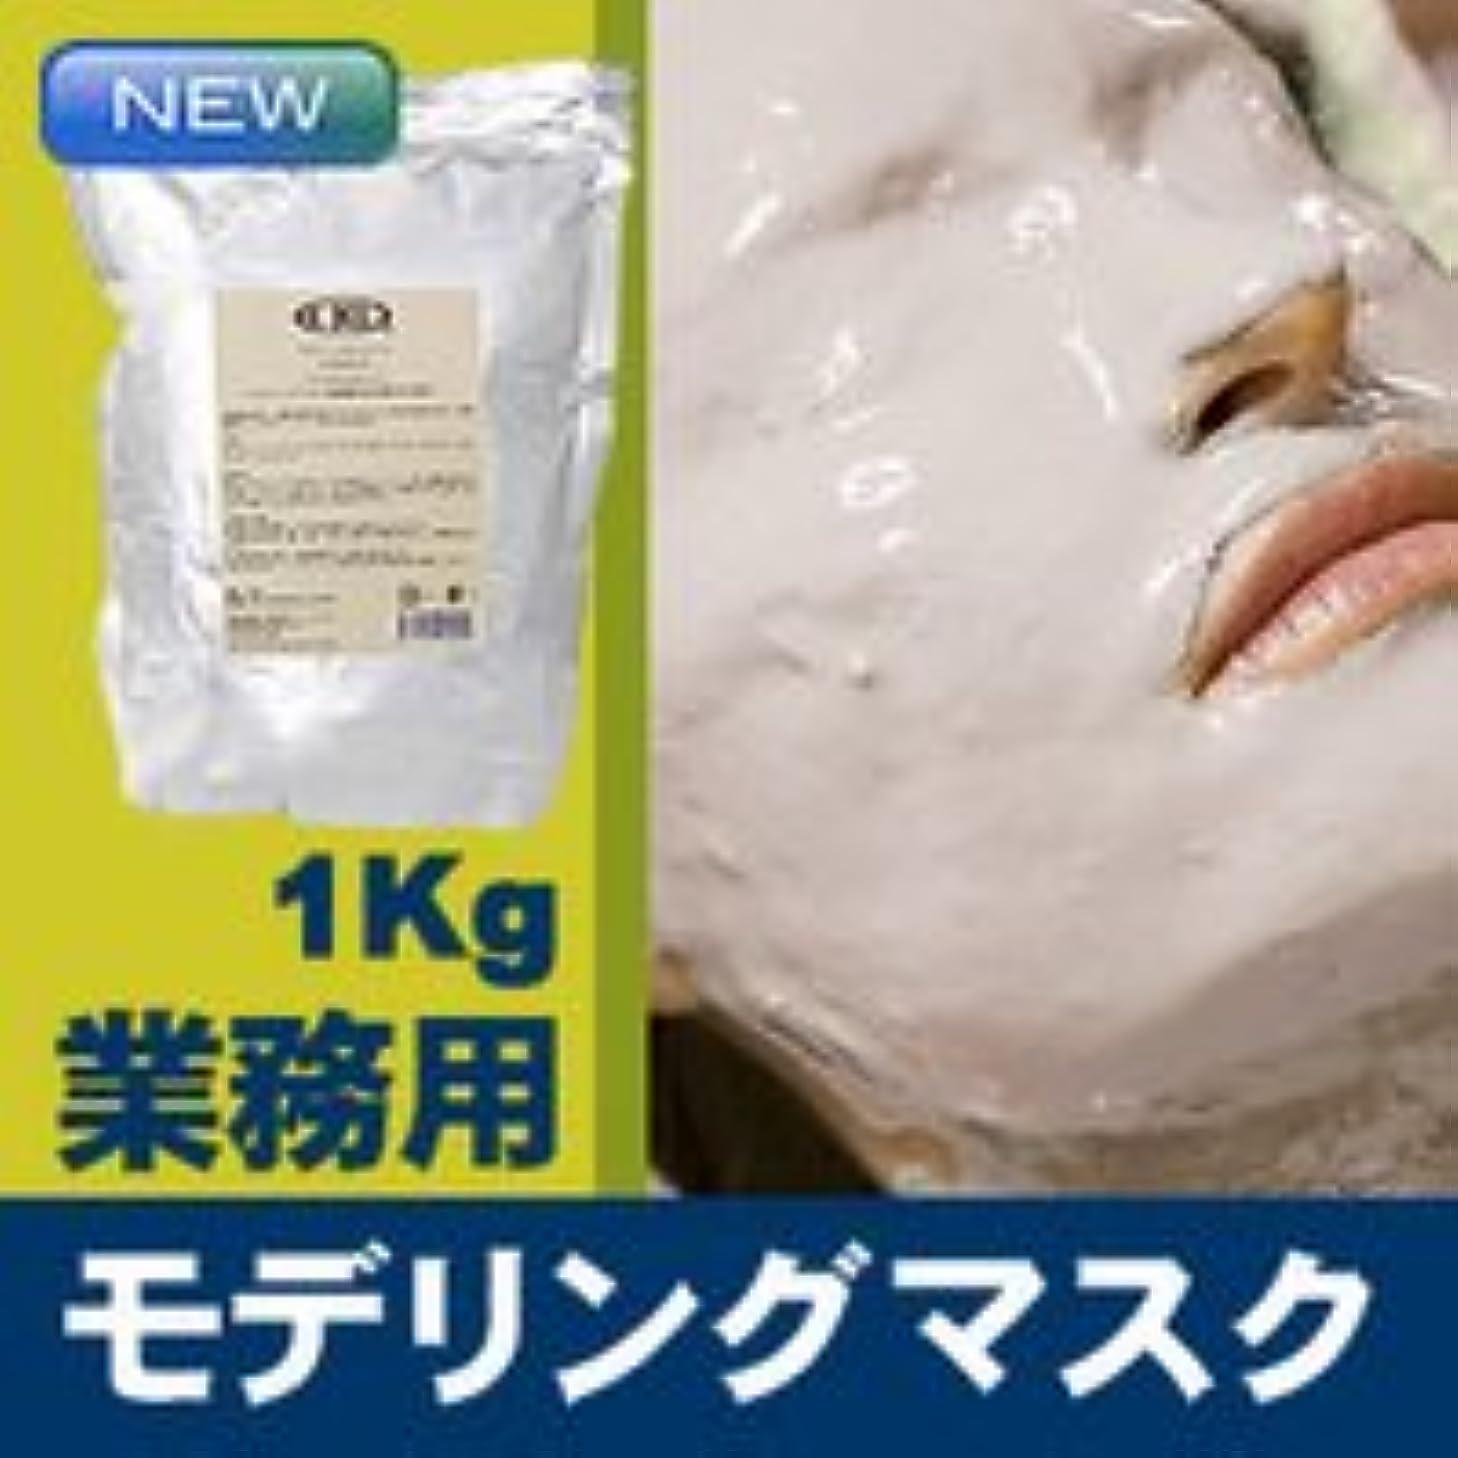 侮辱ウェーハ退屈なモデリングマスク 1Kg ビタミンC配合(ゴールデンオレンジ) / フェイスマスク?パック 【ピールオフマスク】